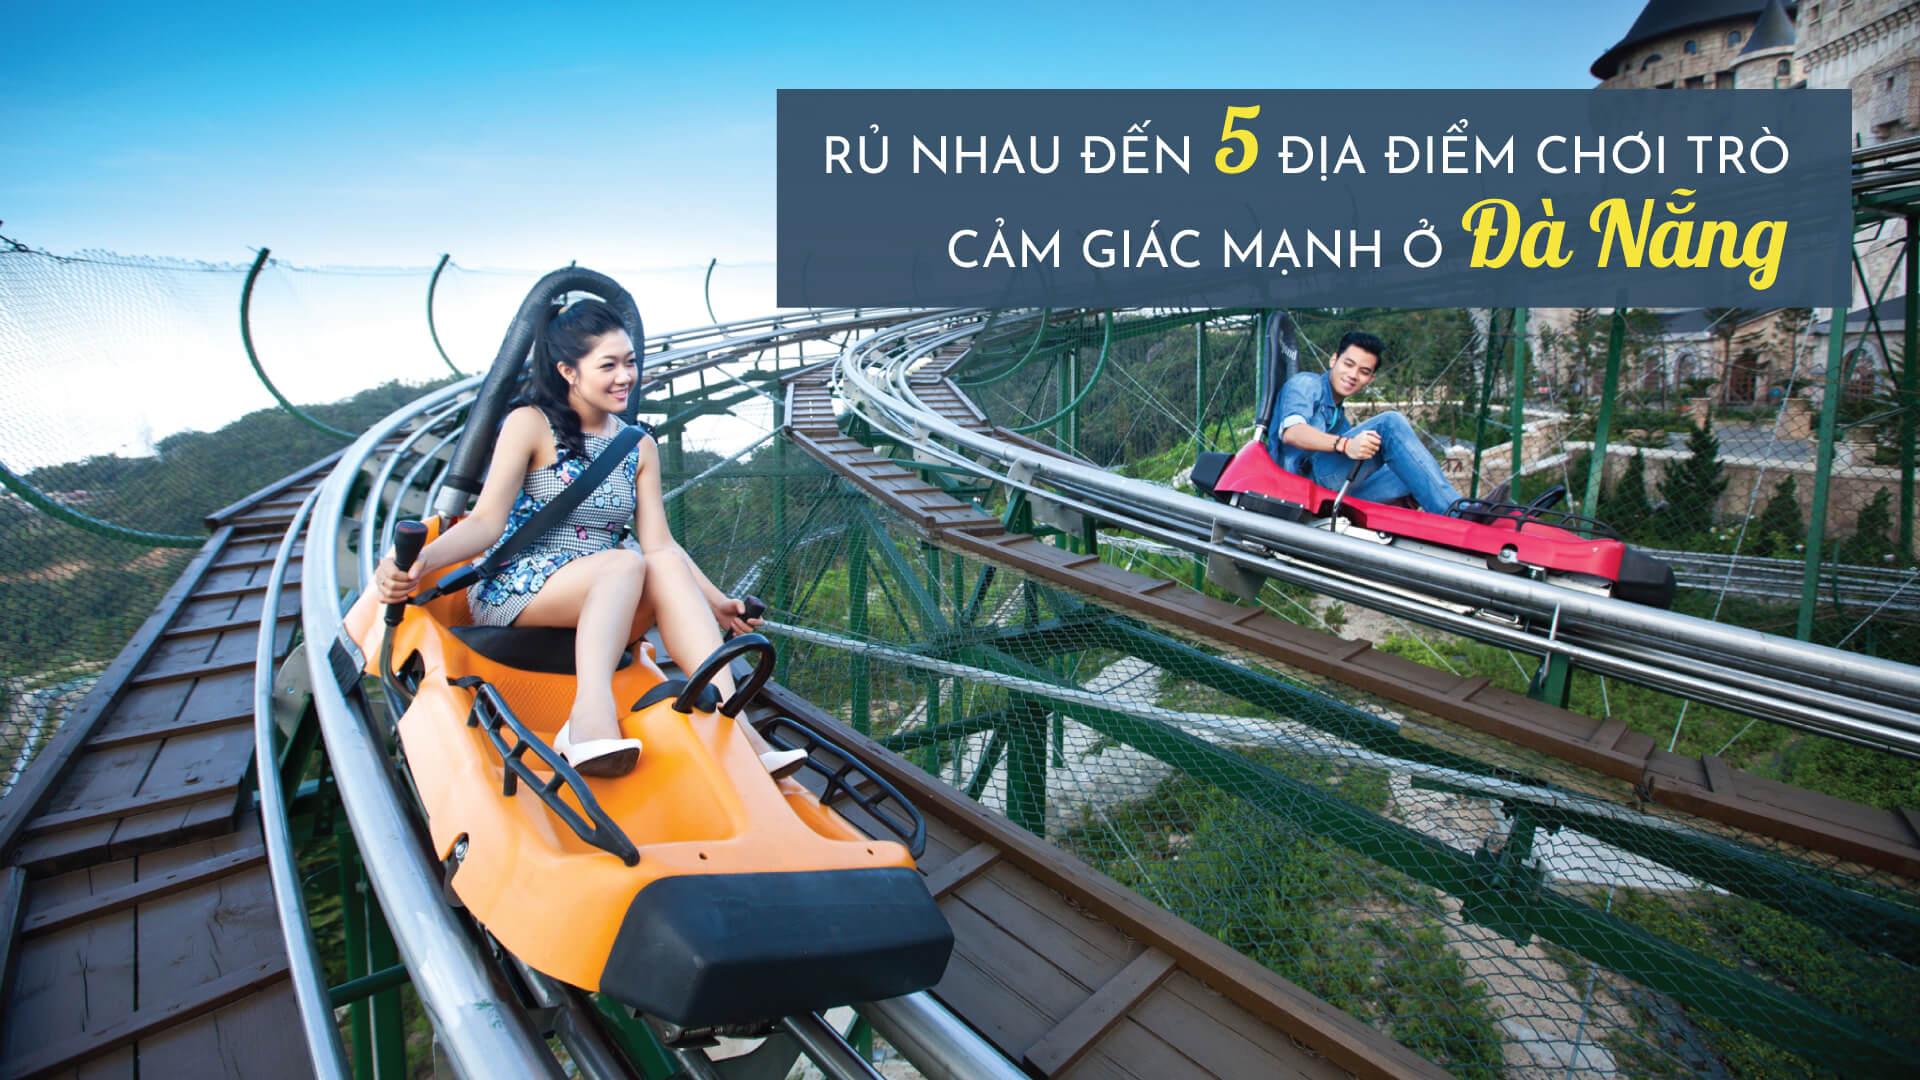 Rủ nhau đến 5 địa điểm chơi trò cảm giác mạnh ở Đà Nẵng ở Đà Nẵng